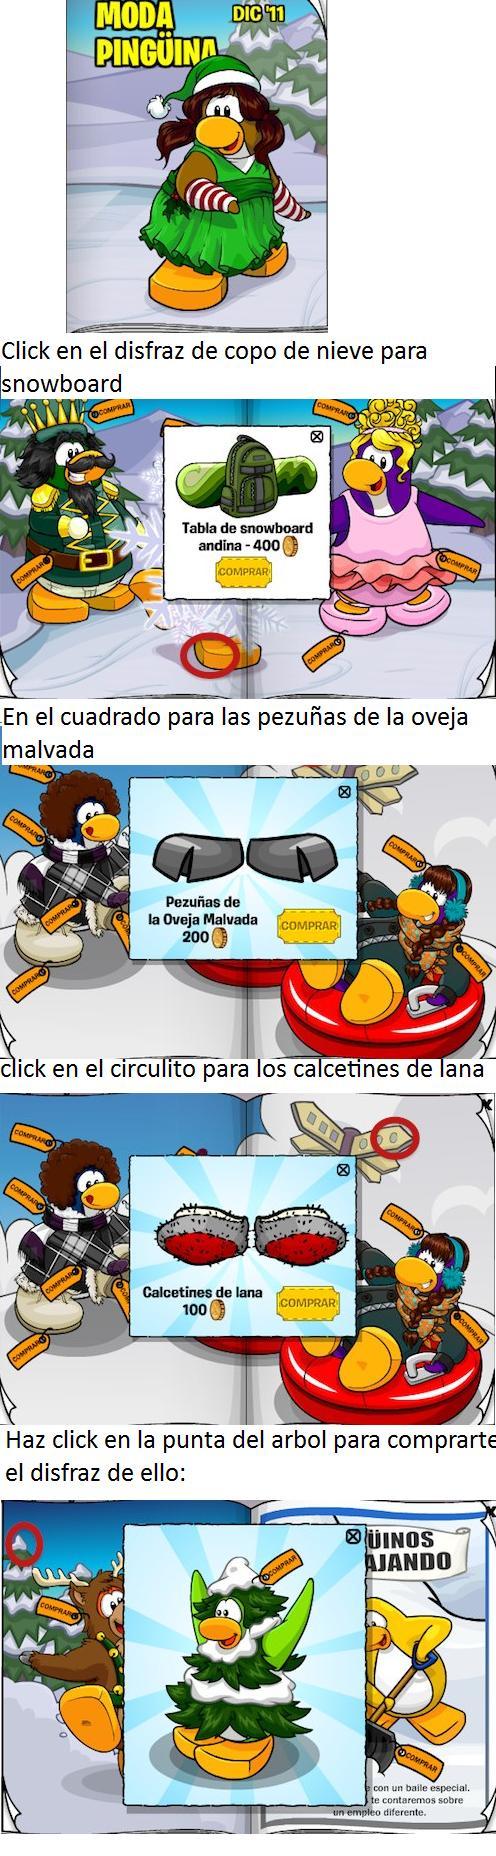 Trucos para el catalogo ''Moda Pingüina''